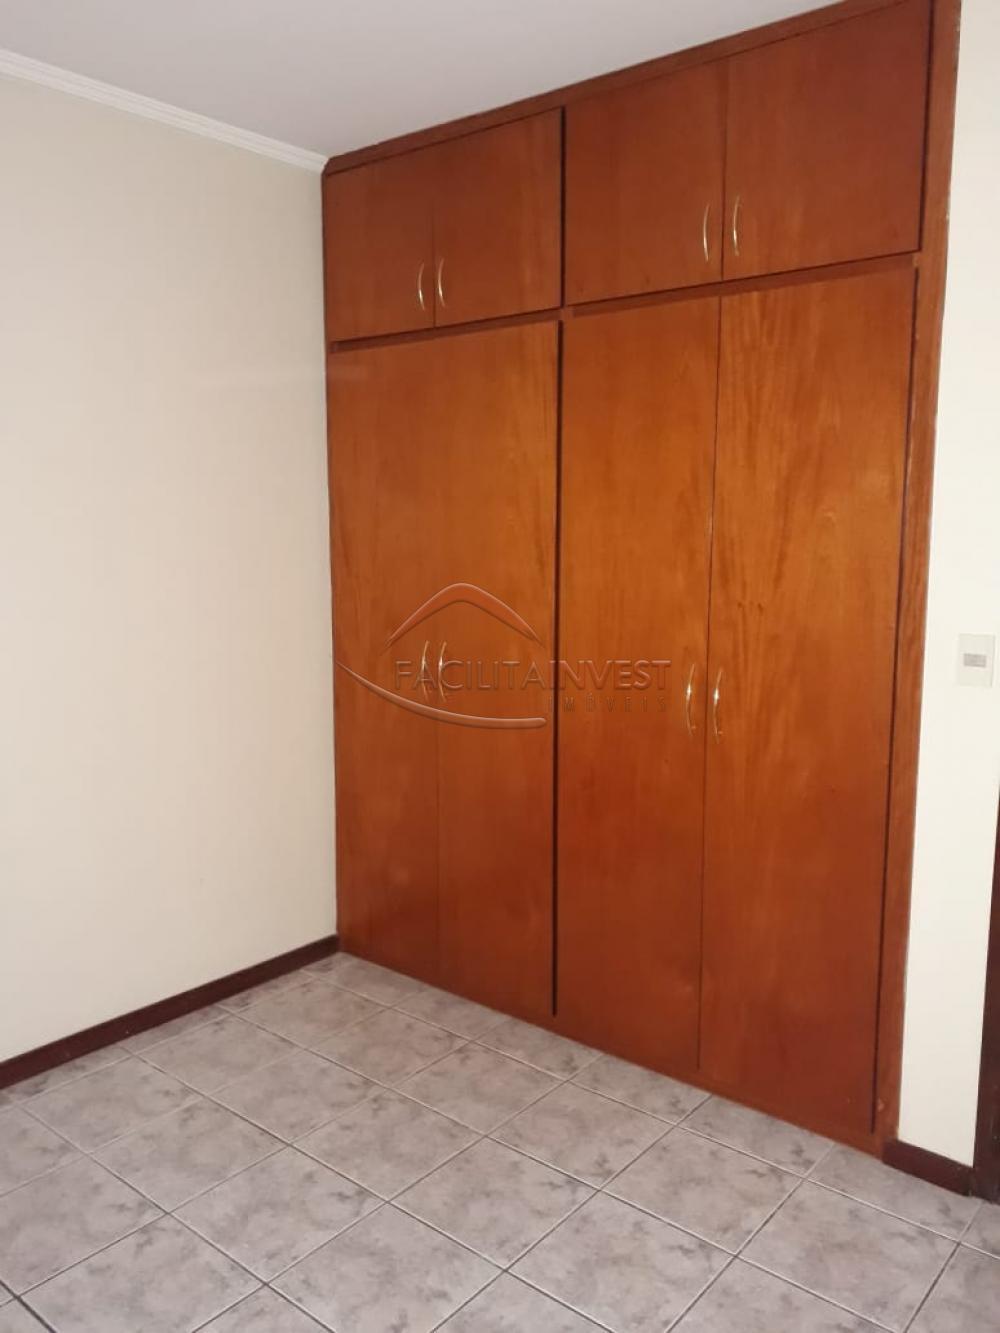 Comprar Apartamentos / Apart. Padrão em Ribeirão Preto apenas R$ 279.000,00 - Foto 13